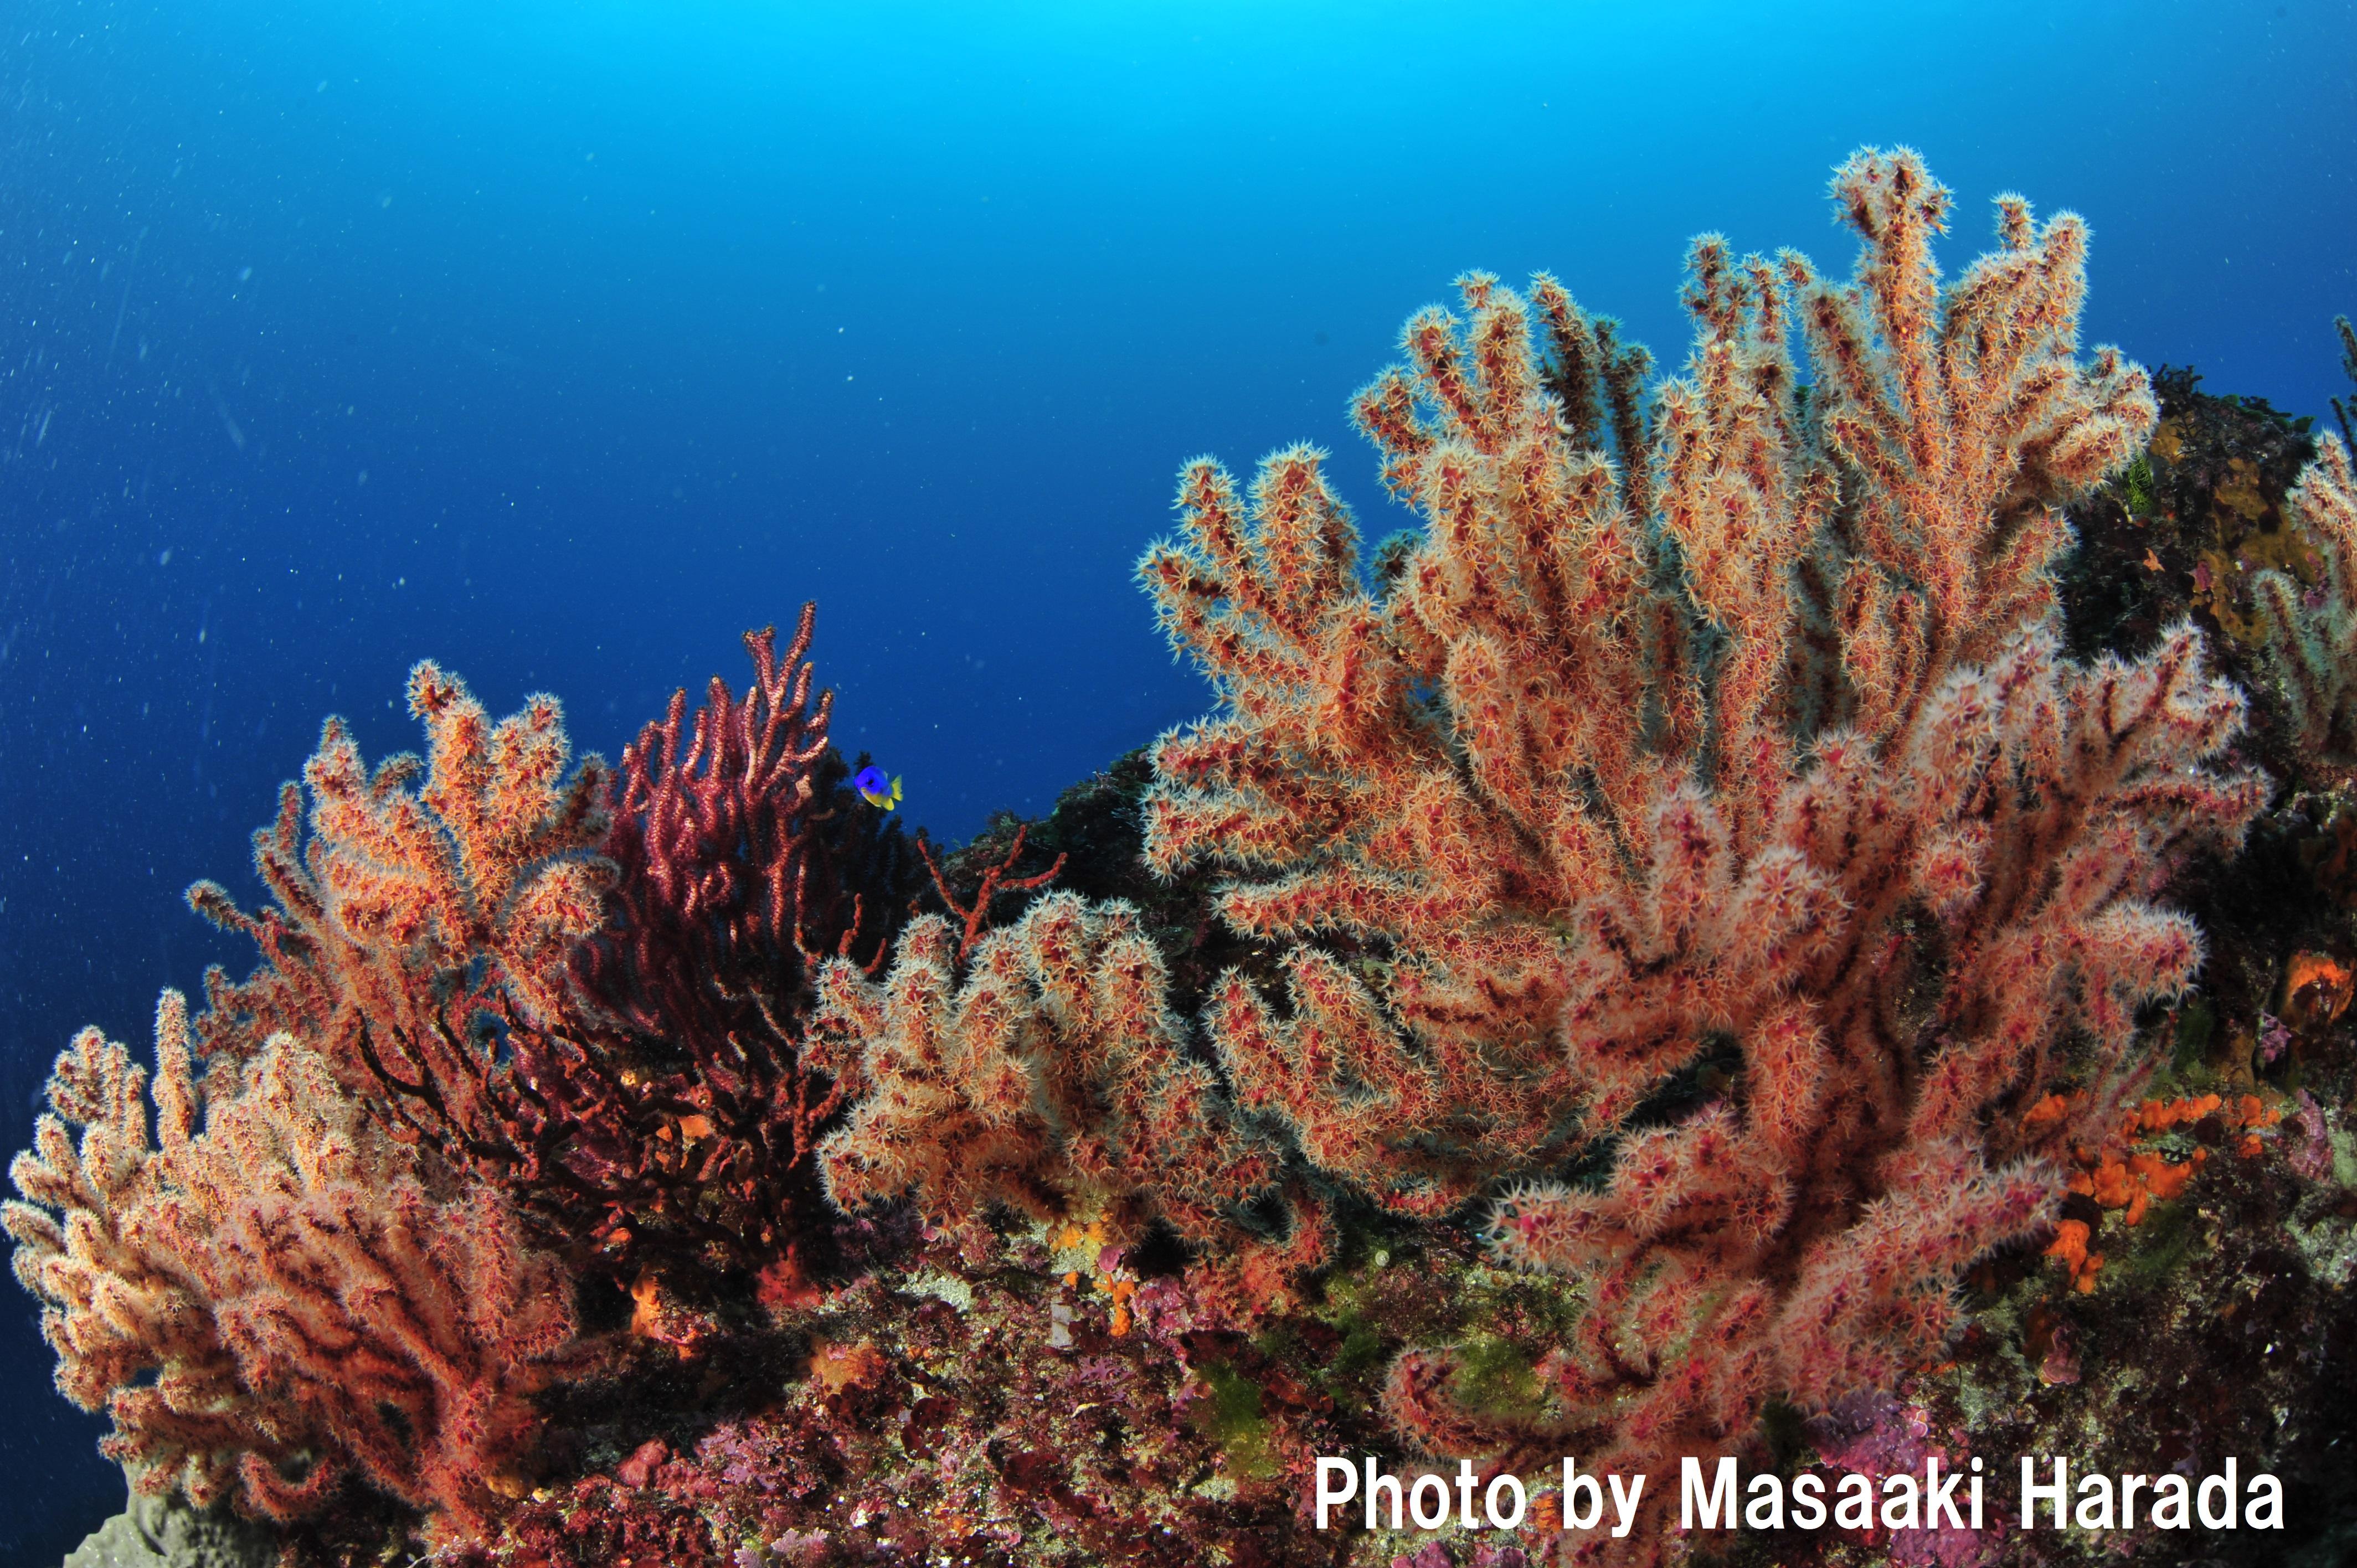 「国内ダイビングエリア部門ー伊豆半島」第1位には、初心者でも楽しめる地形スポット「富戸ホール」やたくさんのマクロ生物に会える富戸が選ばれました!